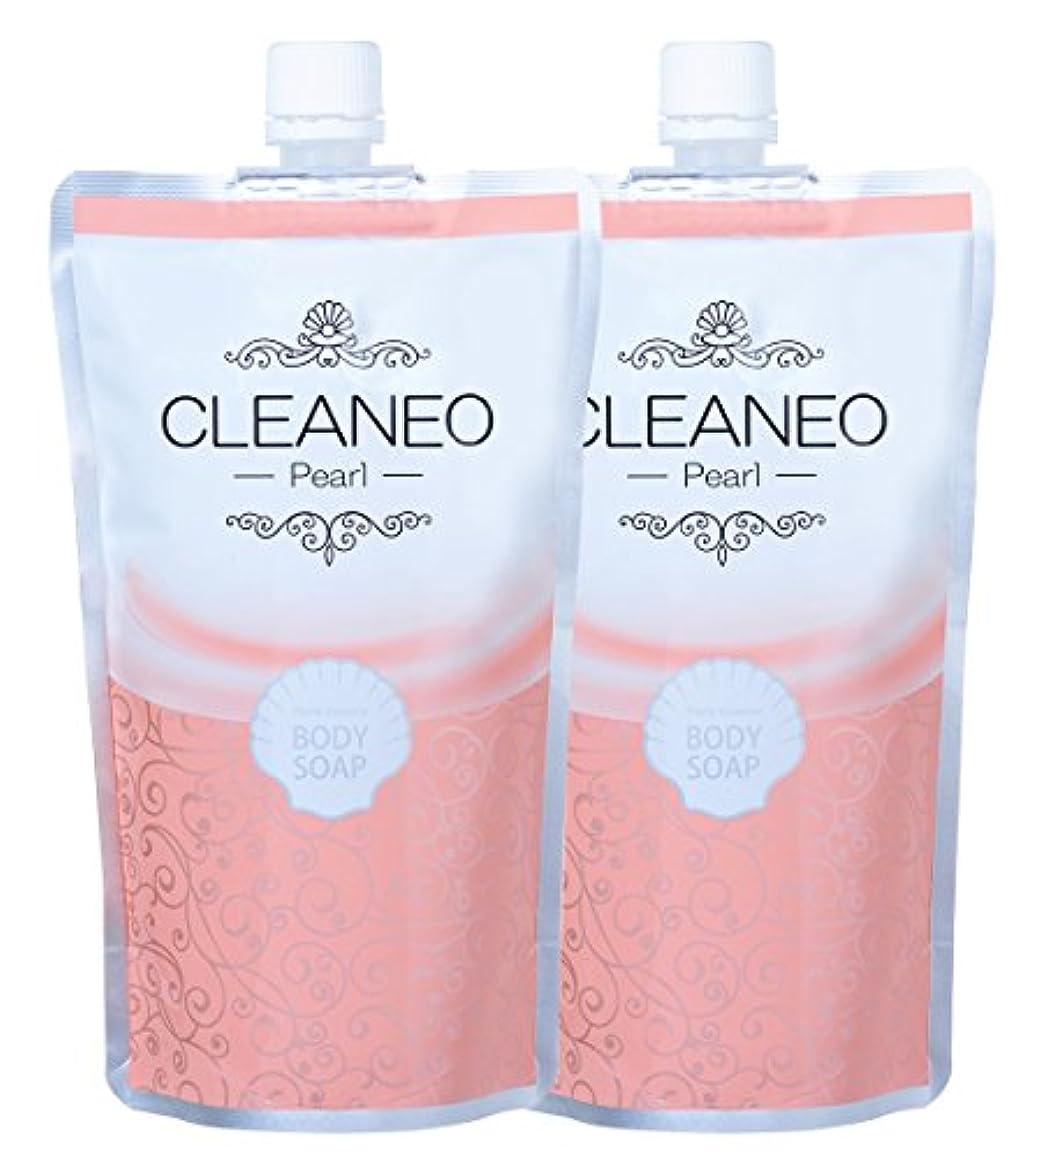 氷滅多浅いクリアネオ公式(CLEANEO) パール オーガニックボディソープ?透明感のある美肌へ 詰替300ml×2個セット